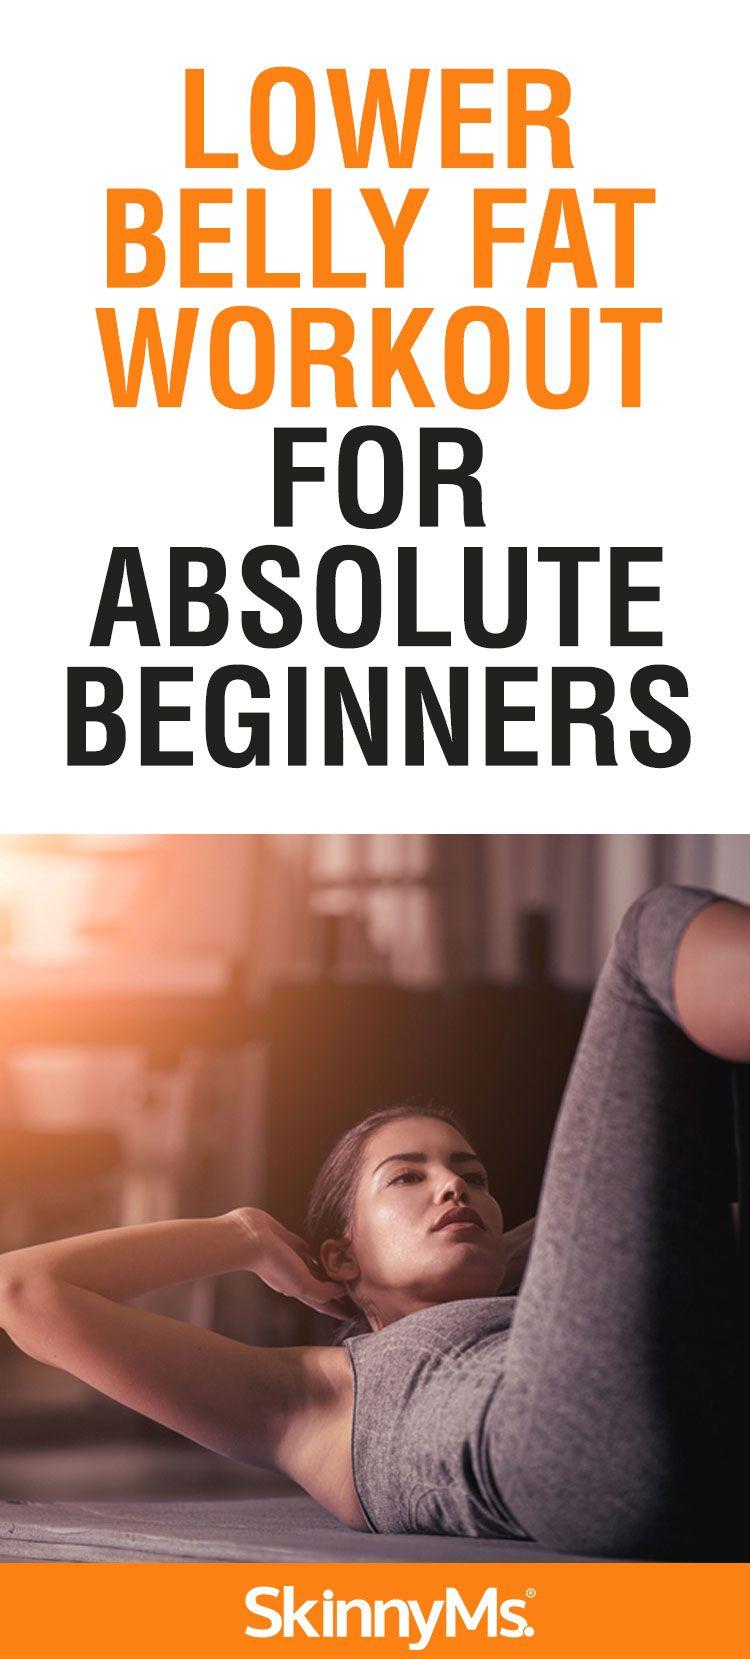 Watch Absolute Beginner's Fat Loss Plan video